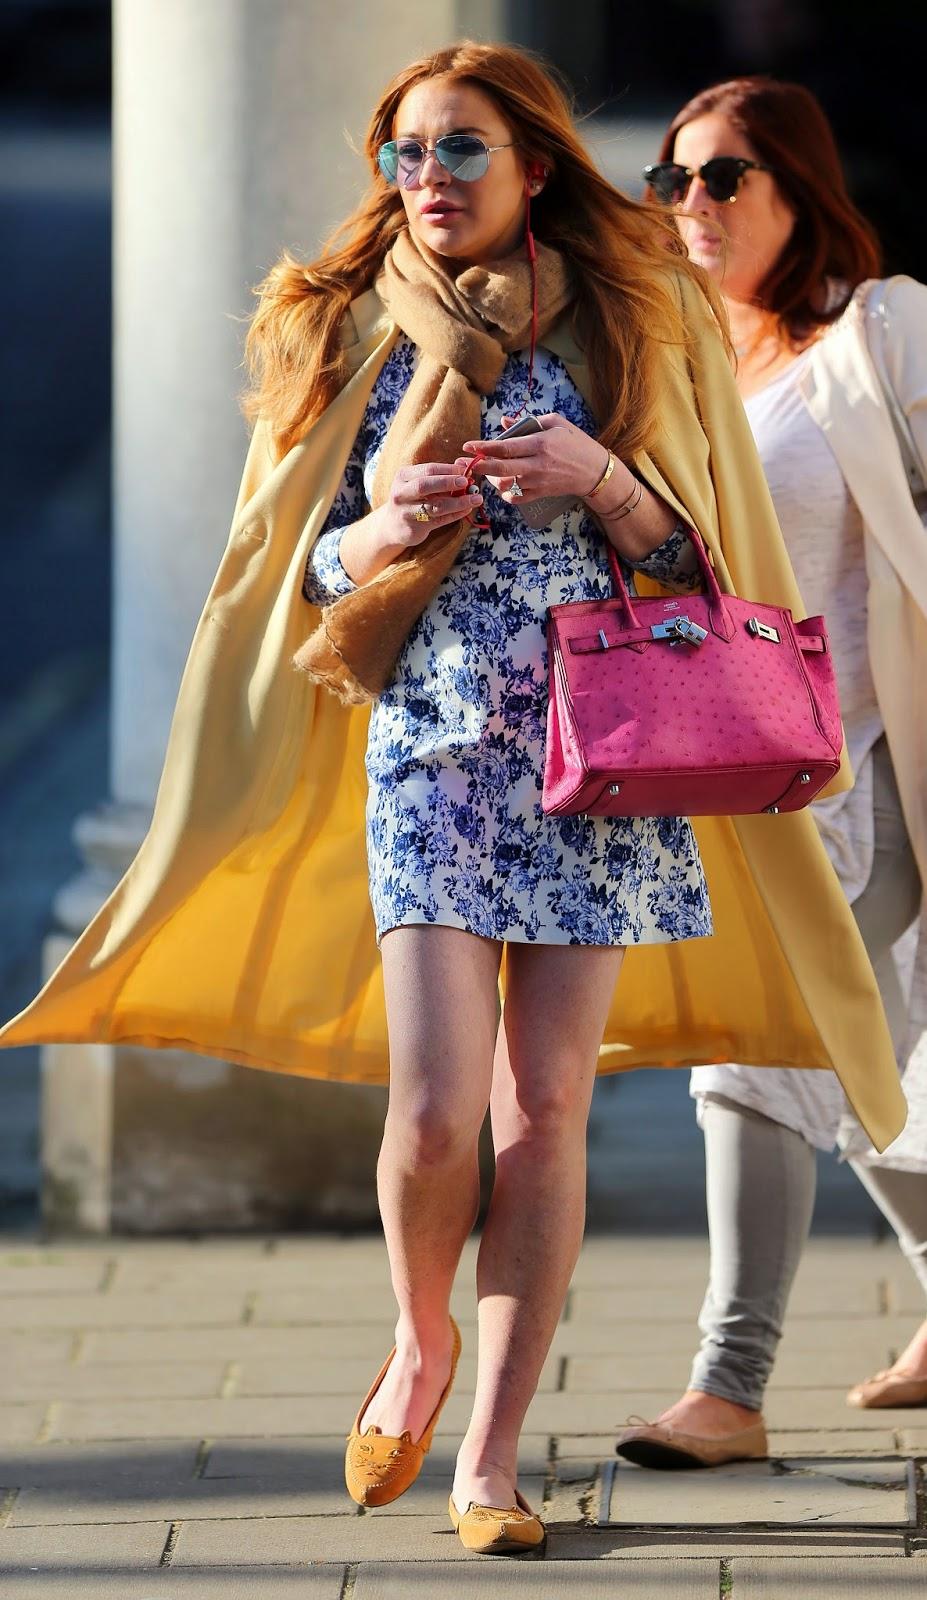 Lindsay Lohan walking around London